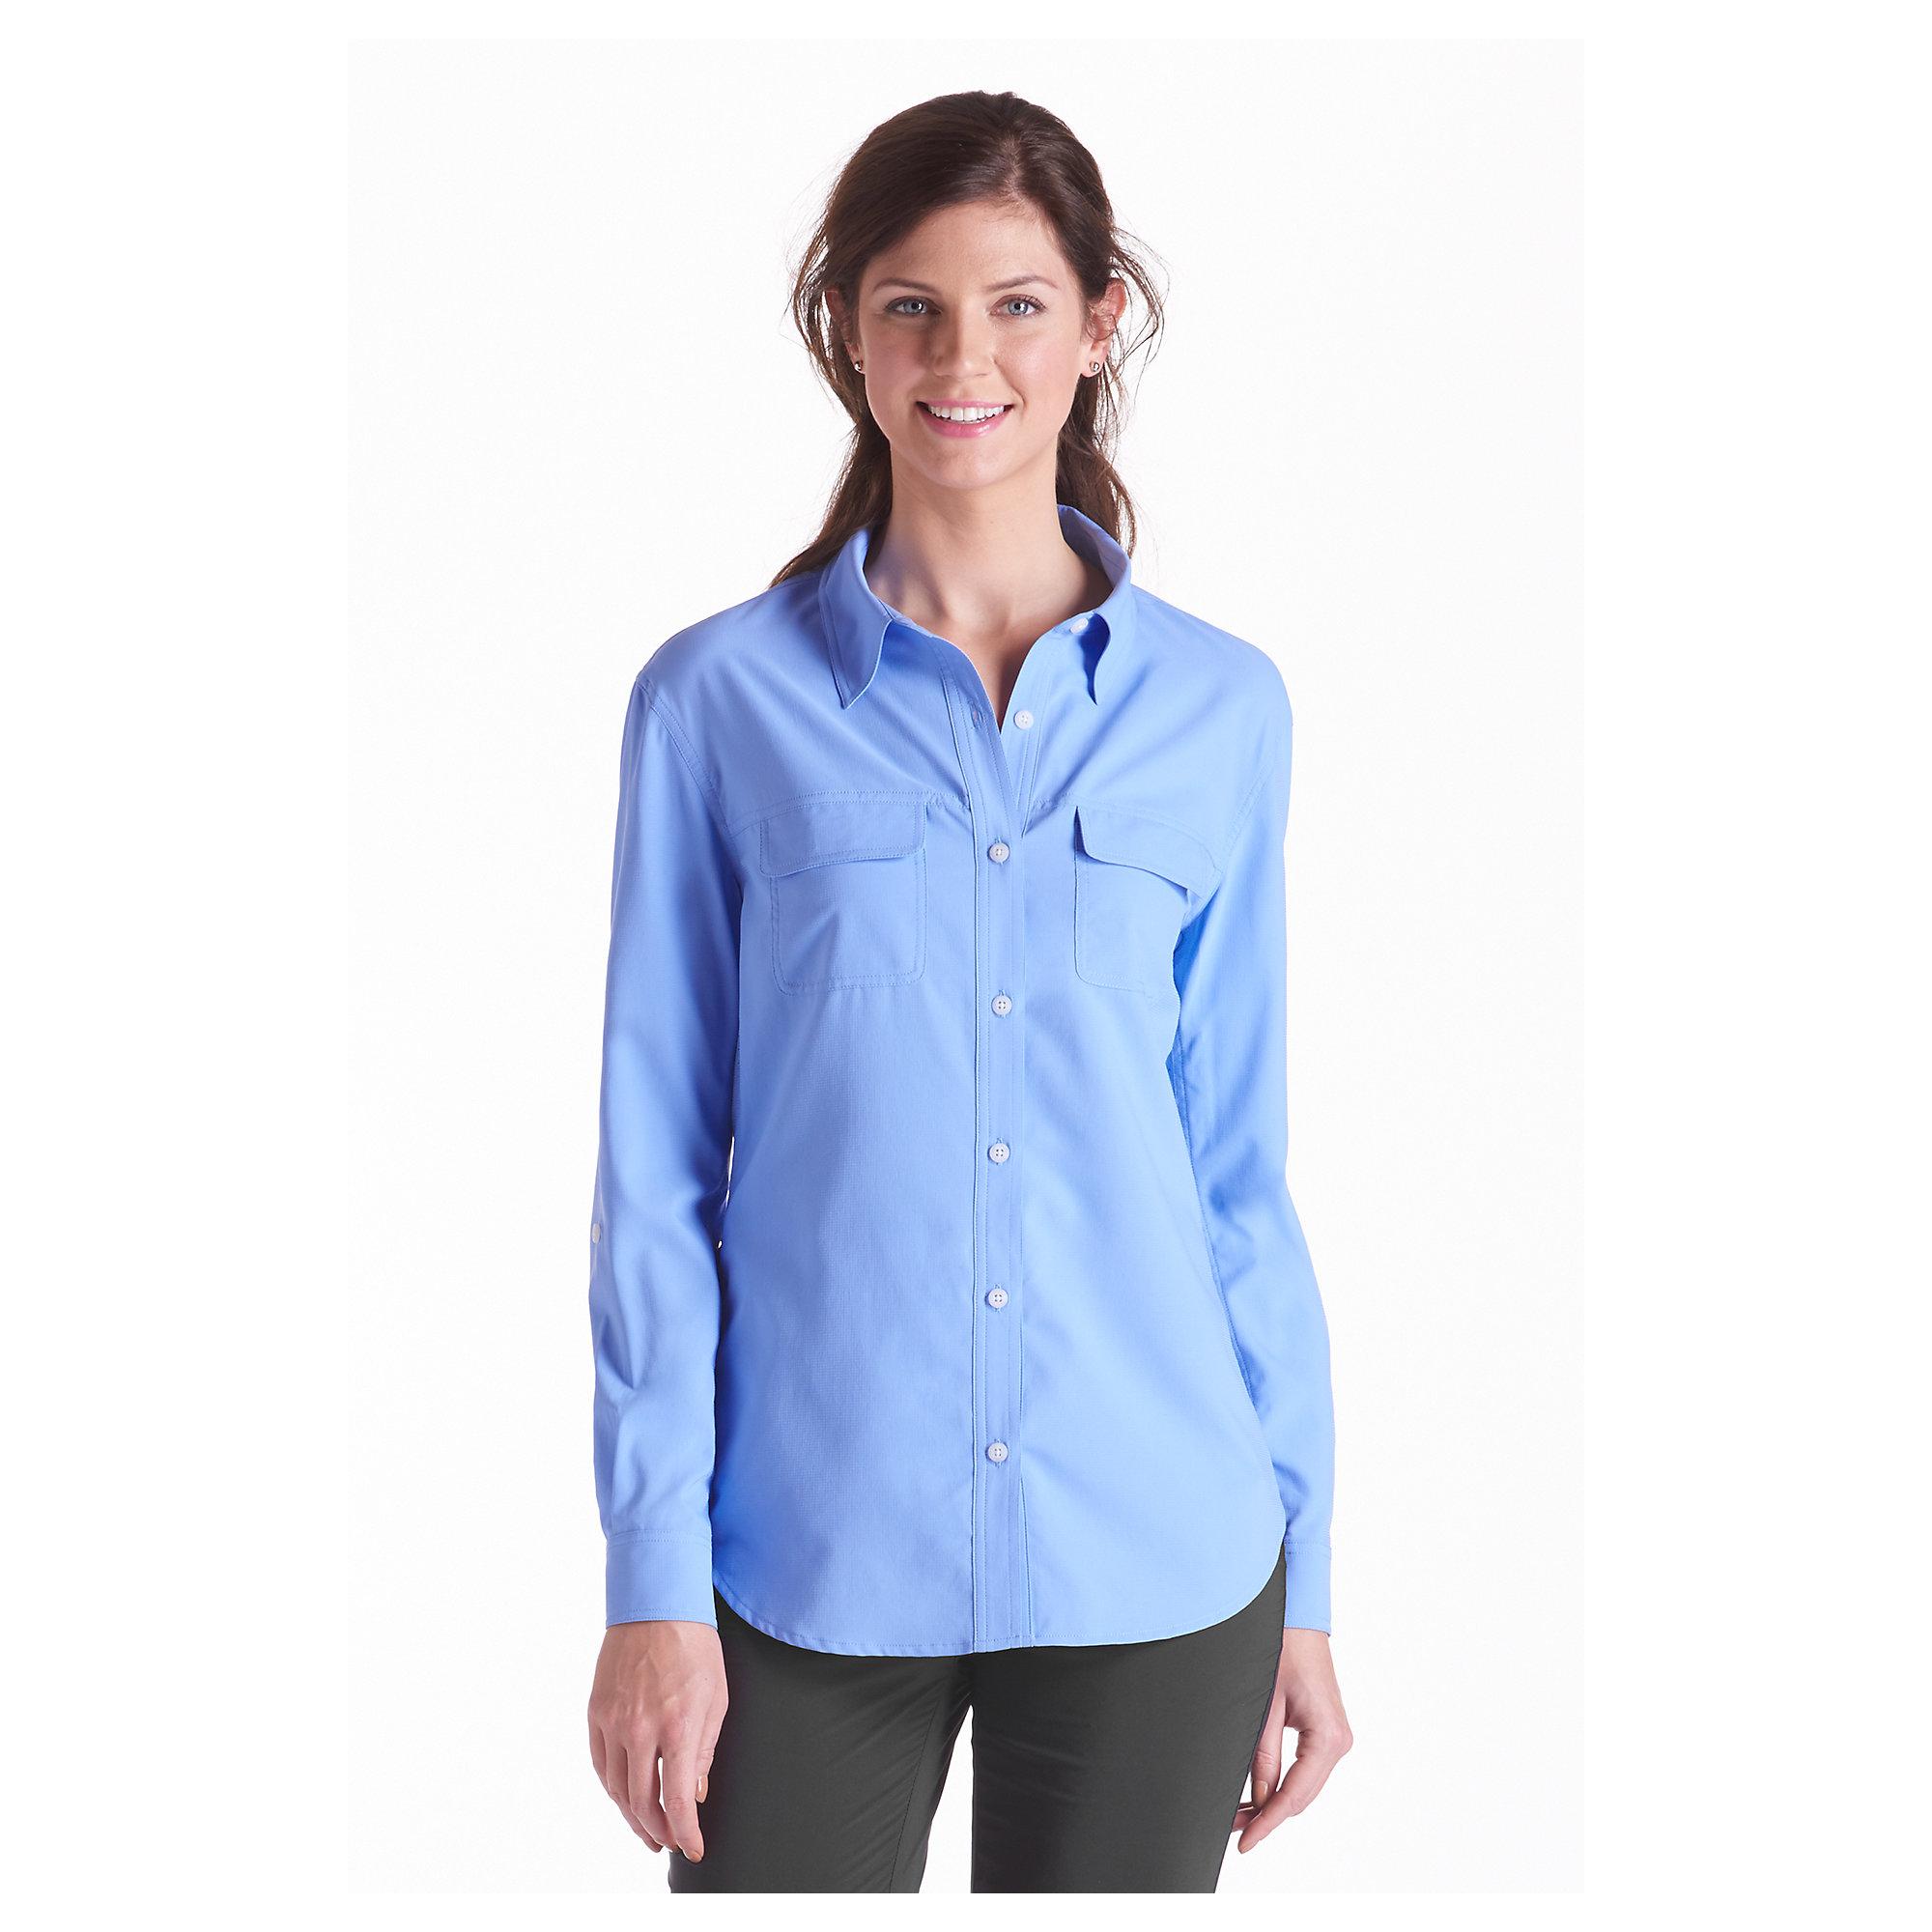 Spf clothing for women